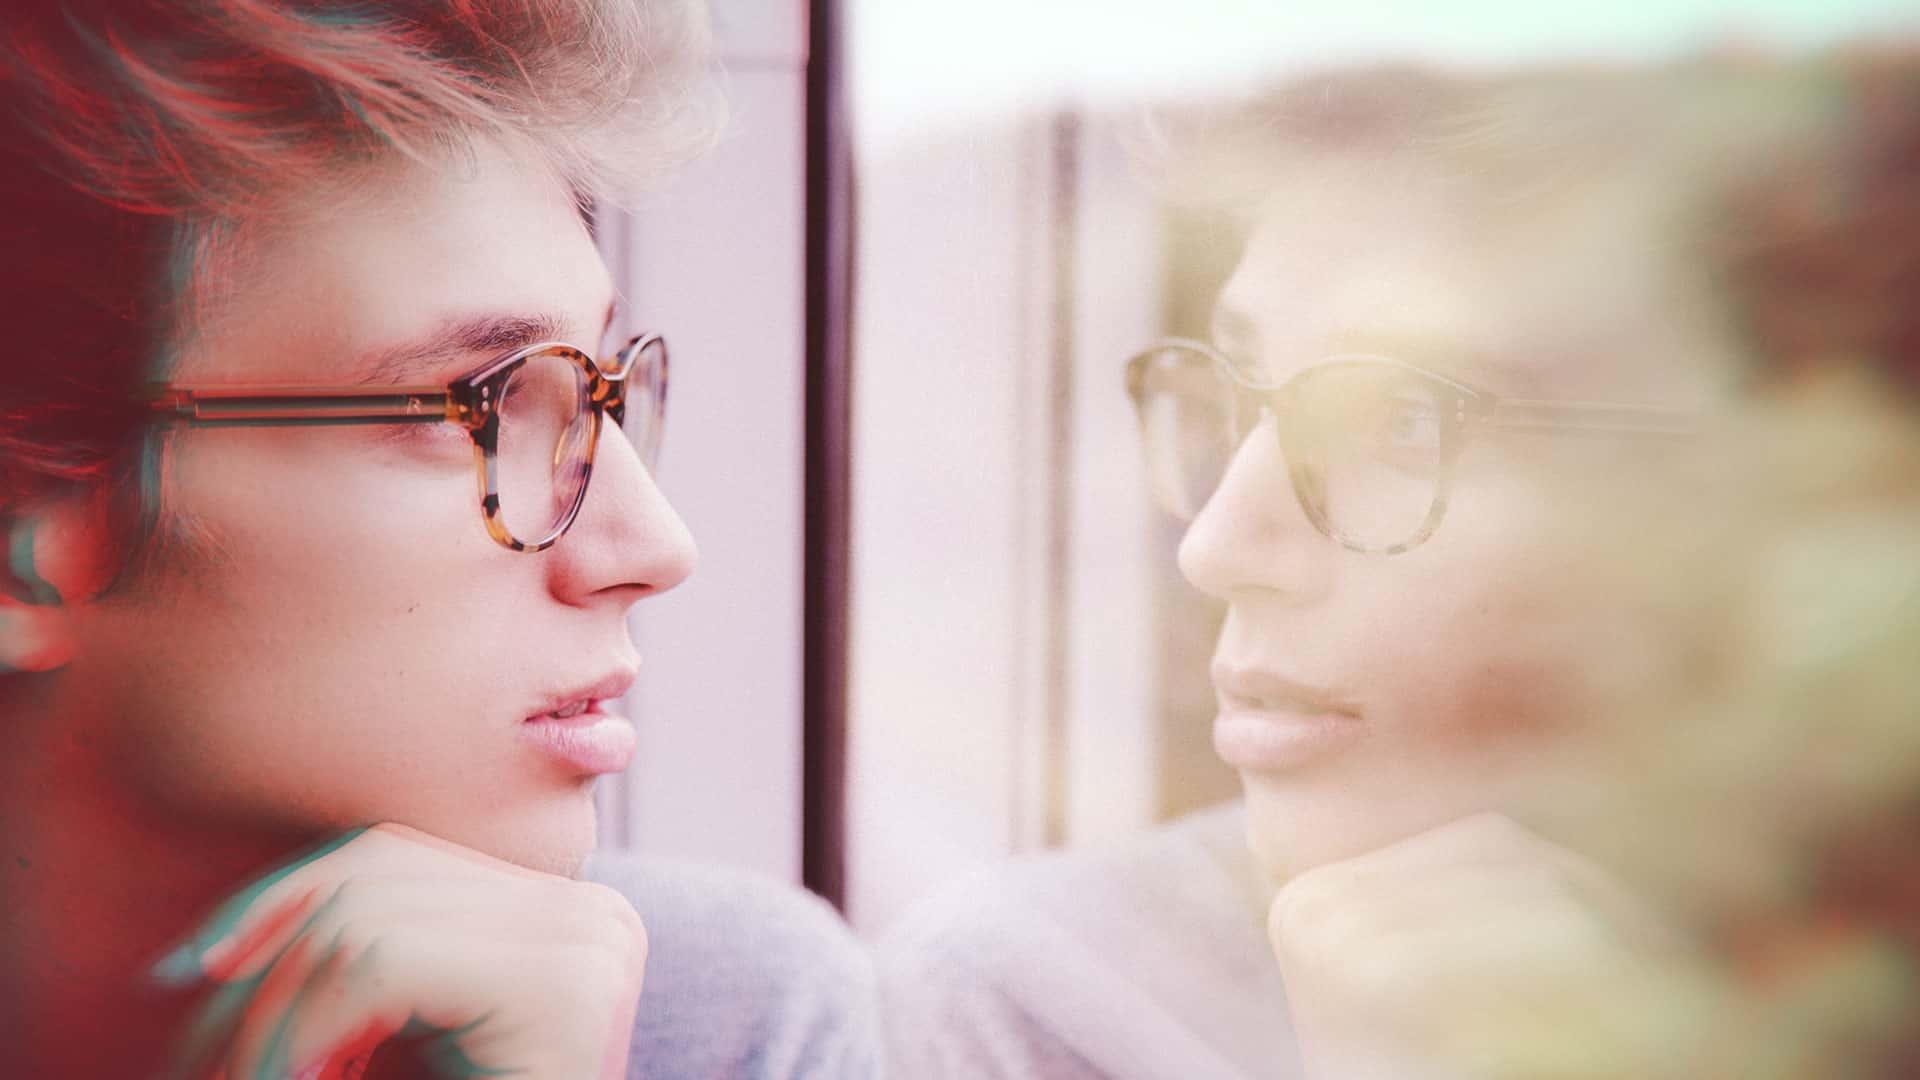 homme avec des lunette qui se regarde dans une vitre , on voit son reflet